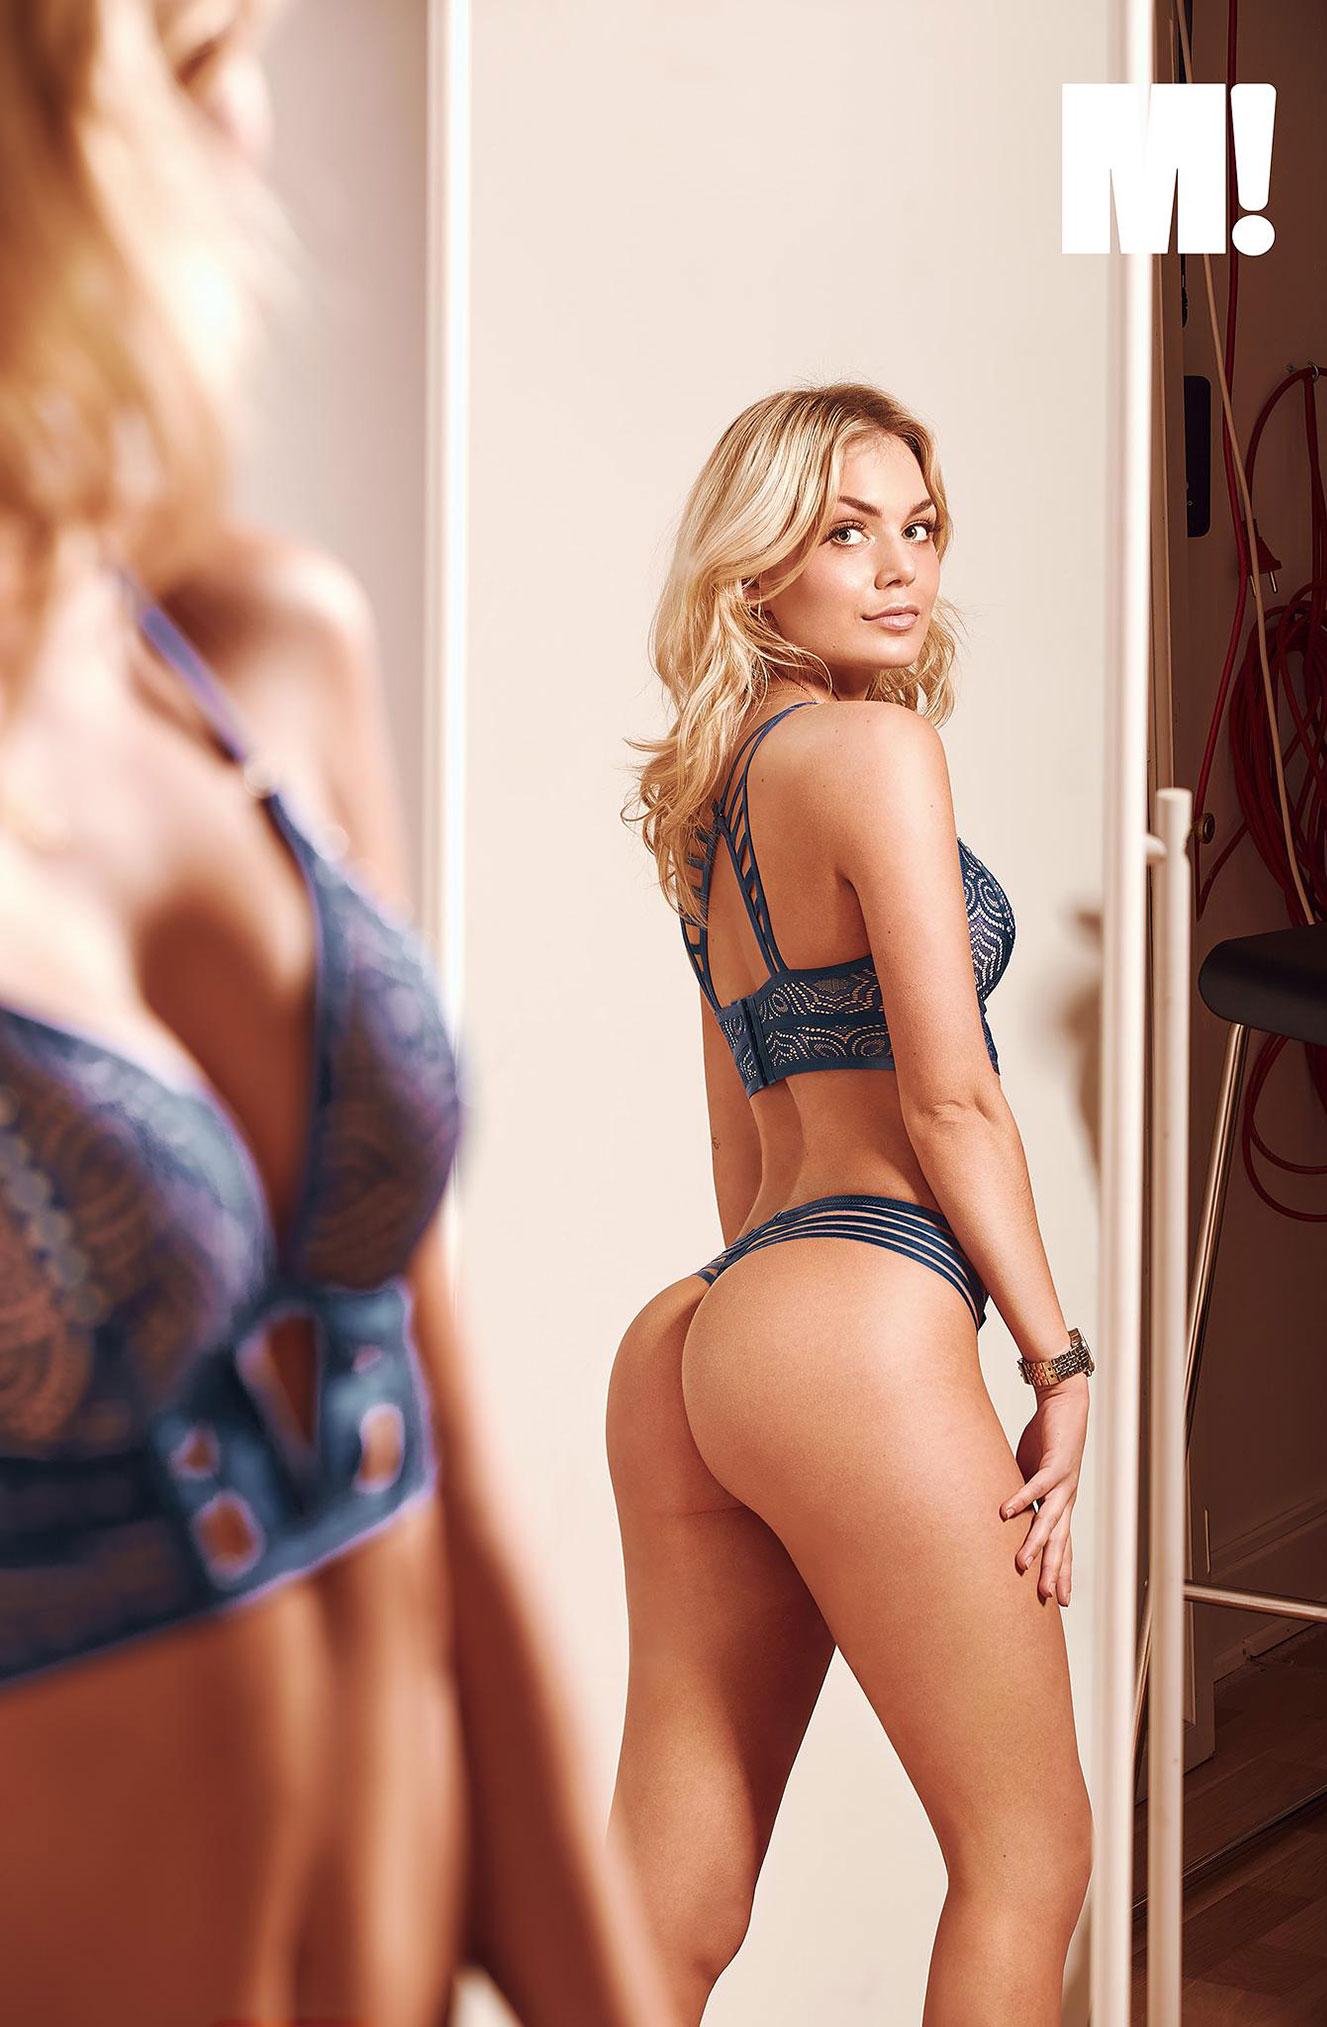 блондинка в винтажных интерьерах / фото 12